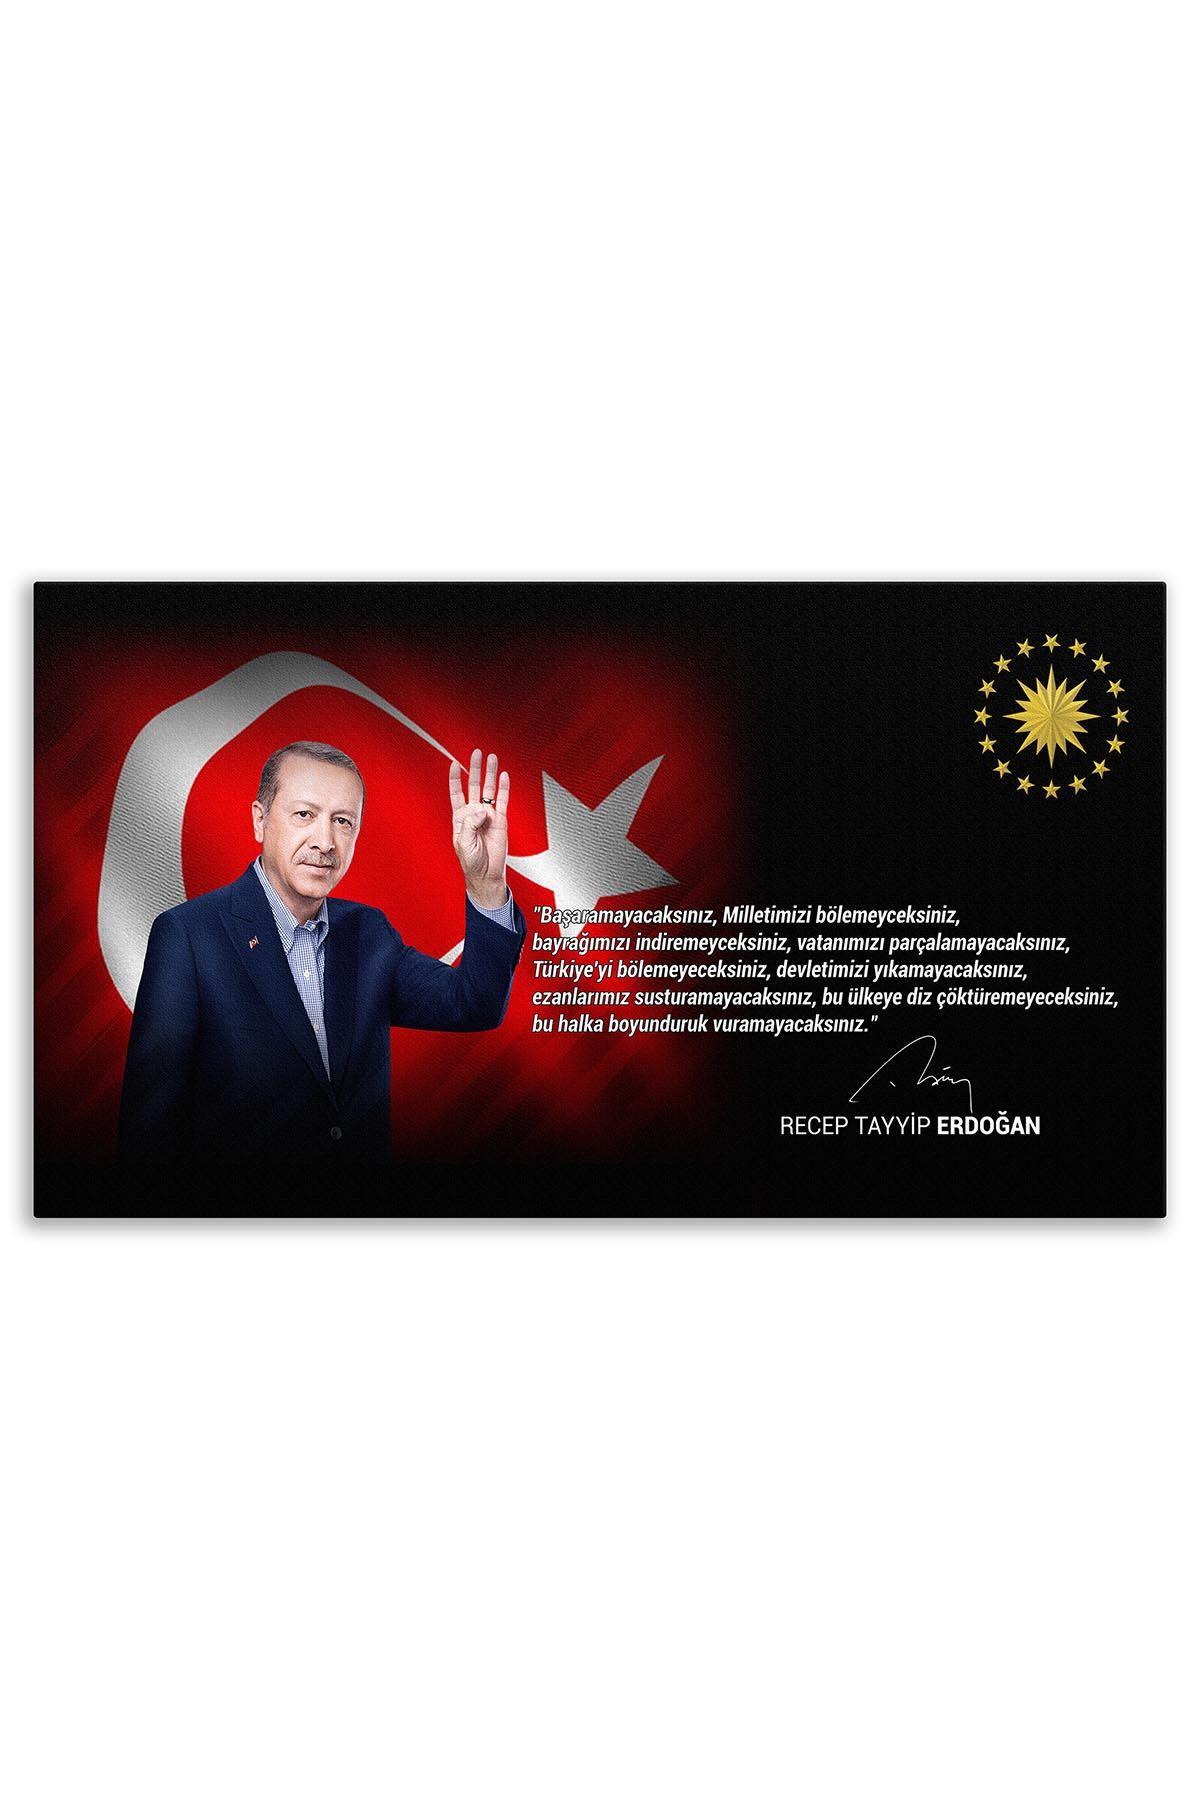 13th Turkish President Recep Tayyip Erdoğan Canvas Board | Printed Canvas Board | Customized Canvas Board |Digital Printing